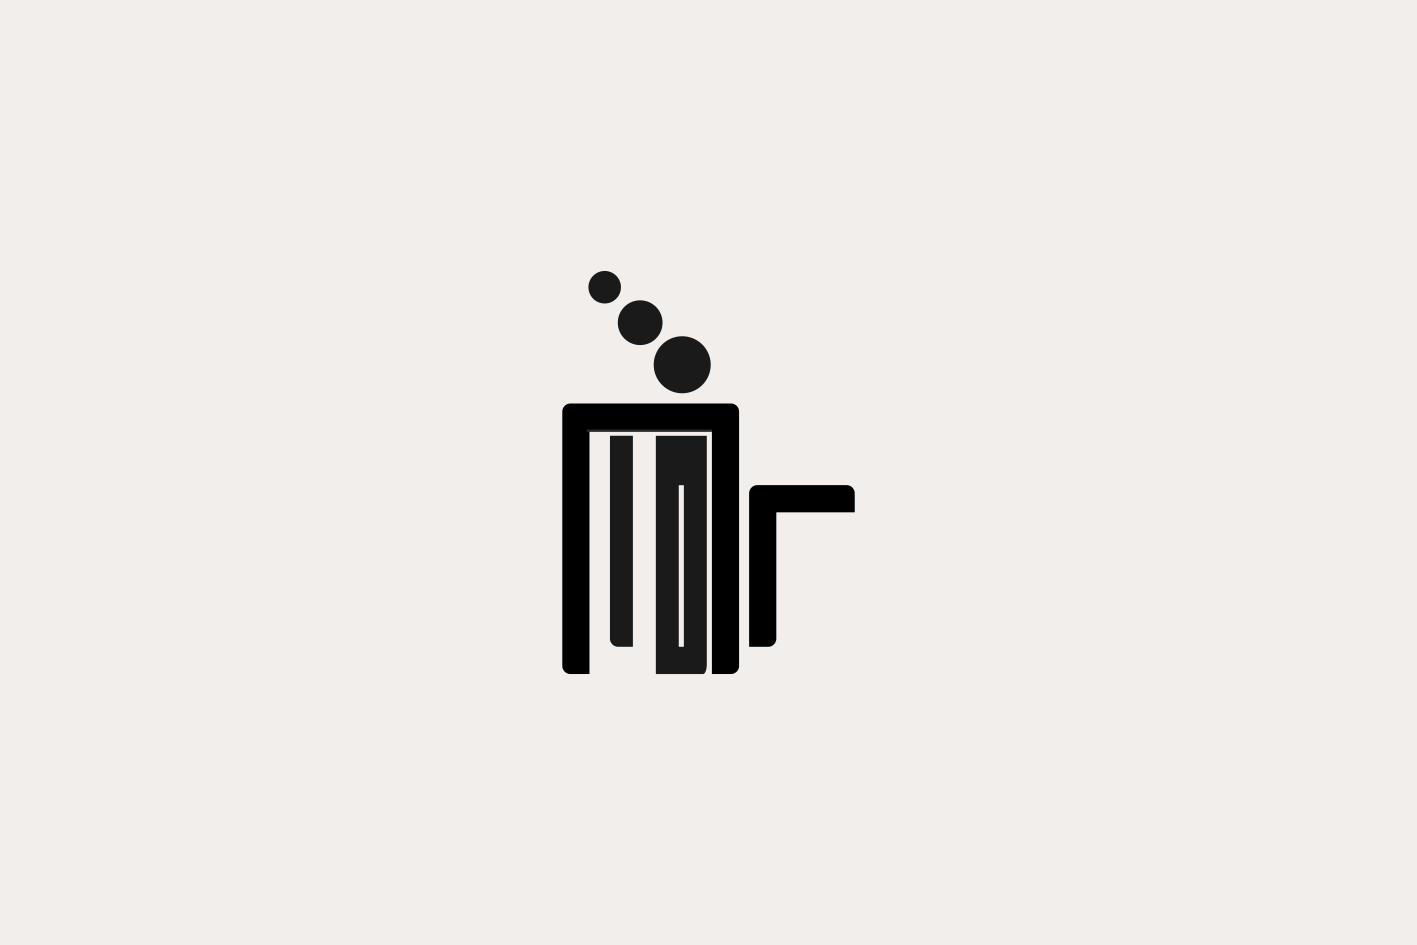 Логотип для Крафтовой Пивоварни фото f_6235cac6c4da31f2.png